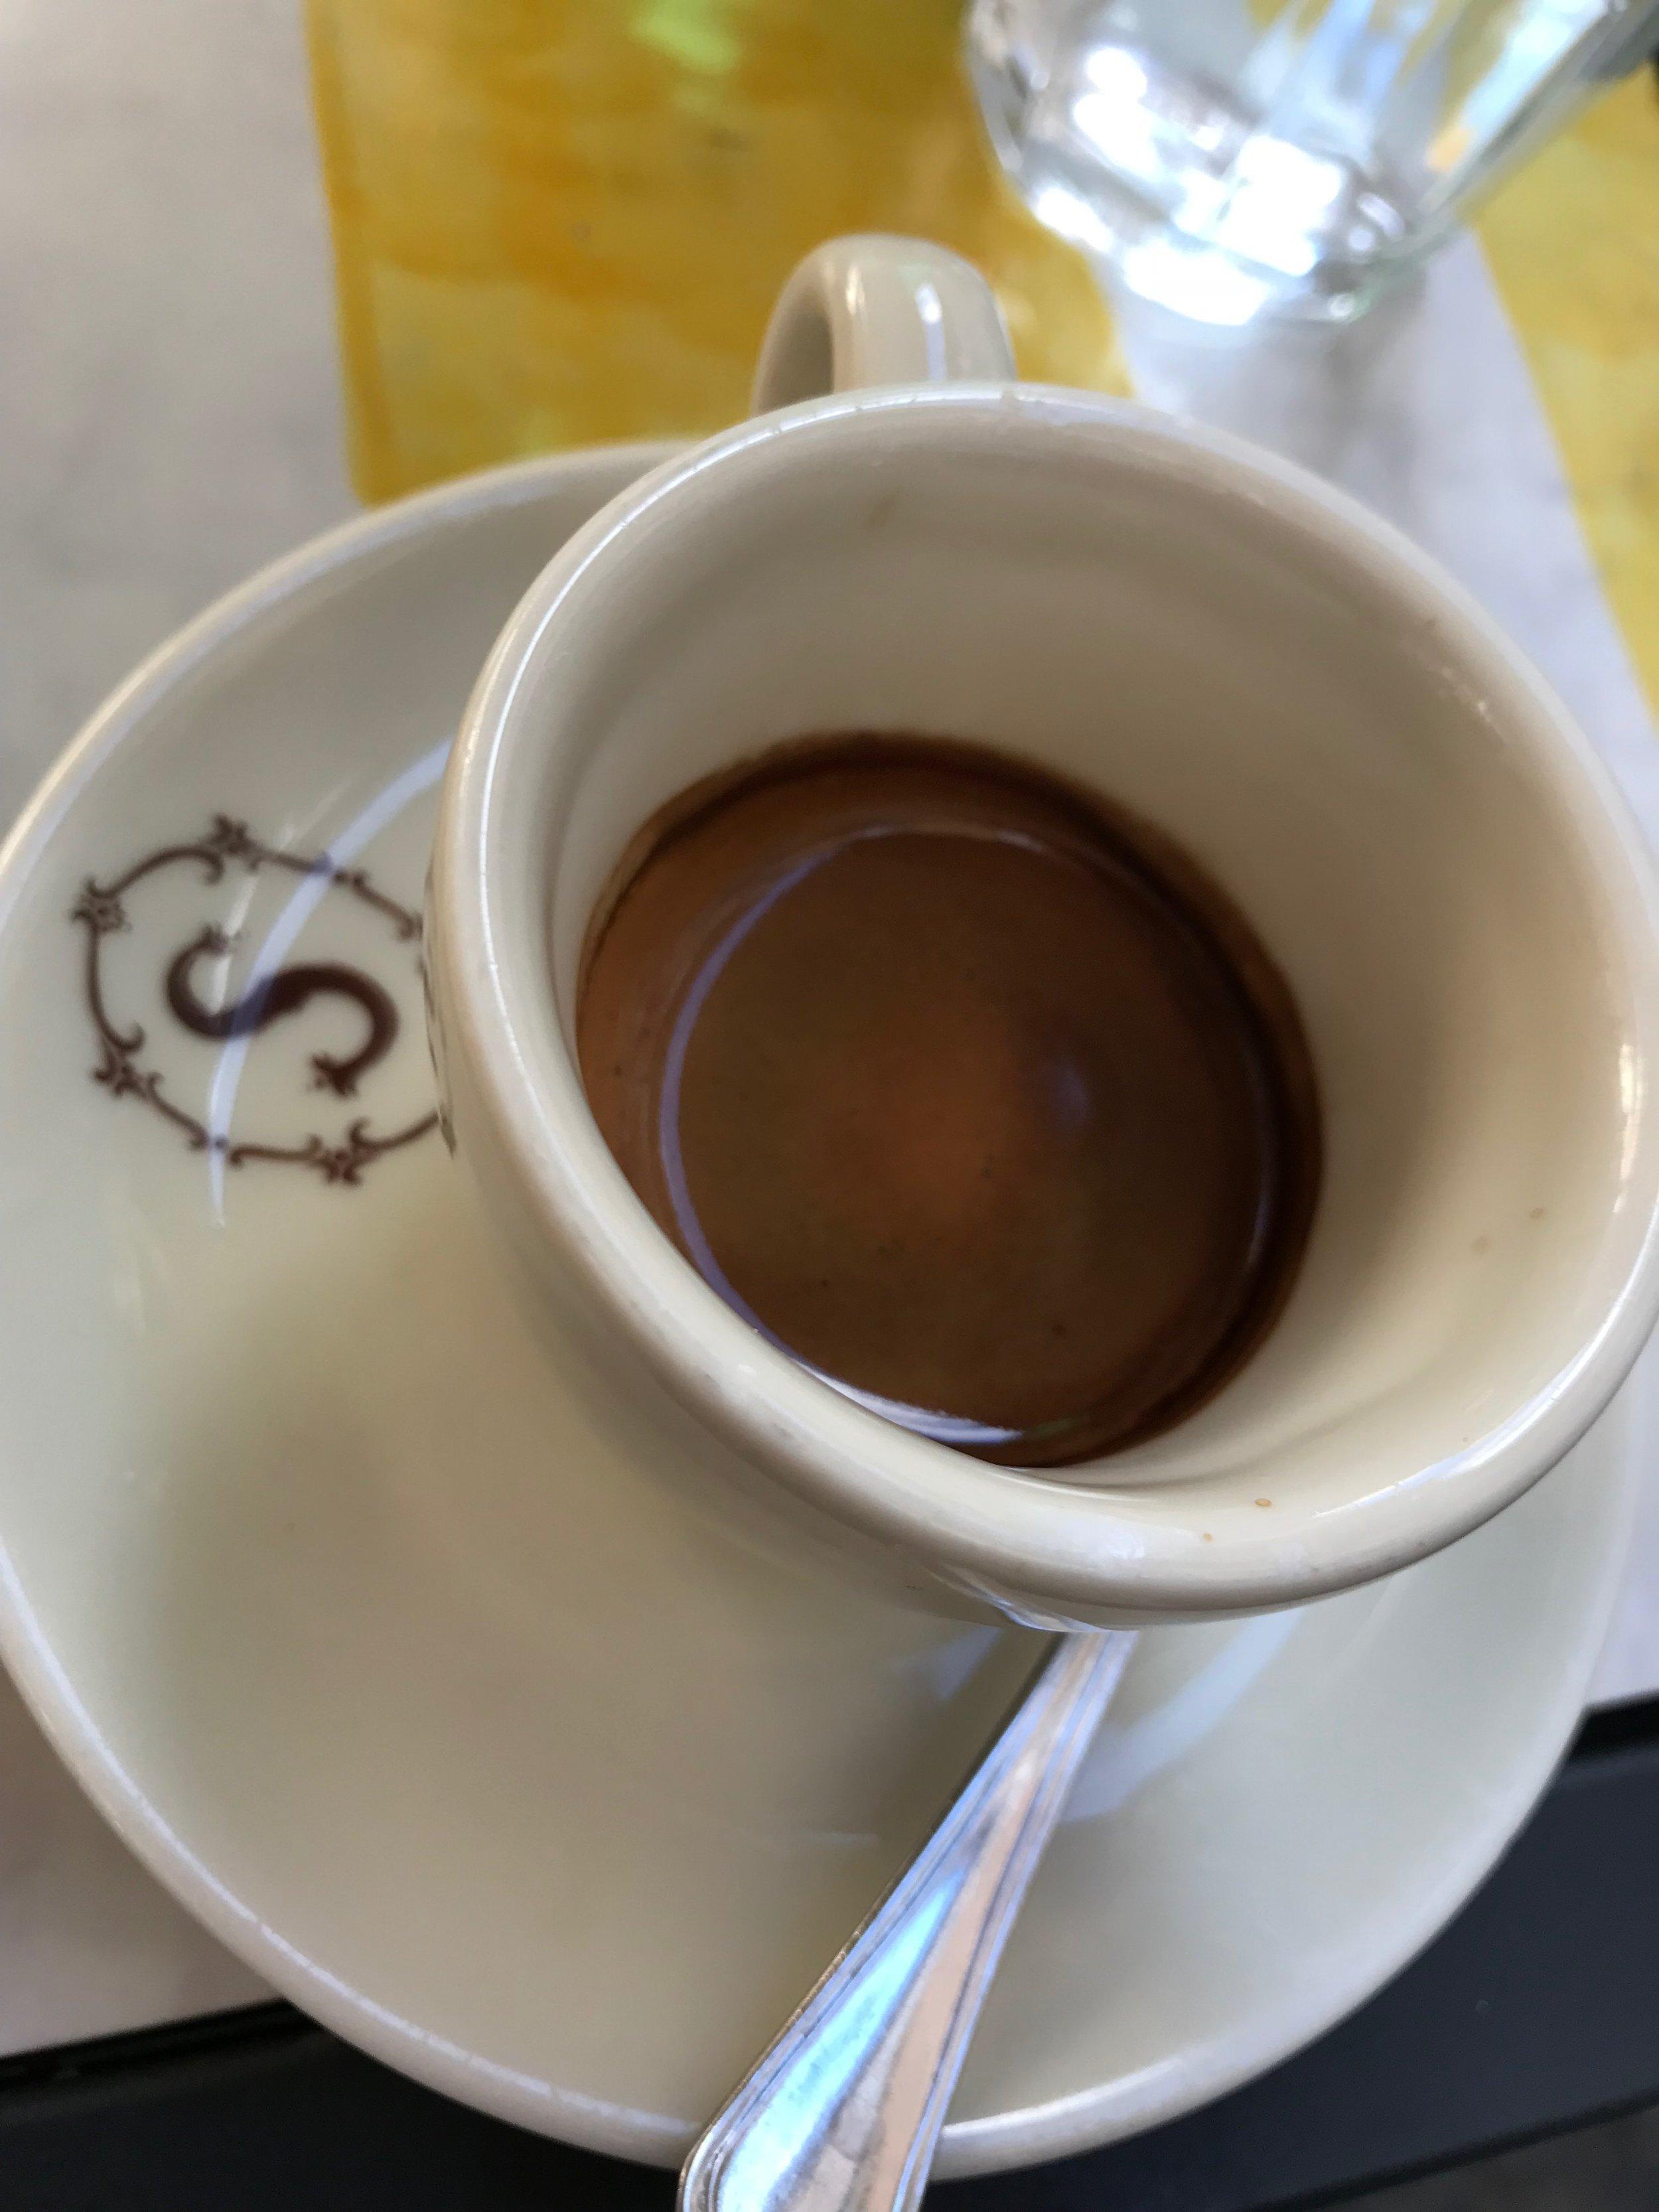 2 espresso scaturcchio.JPG